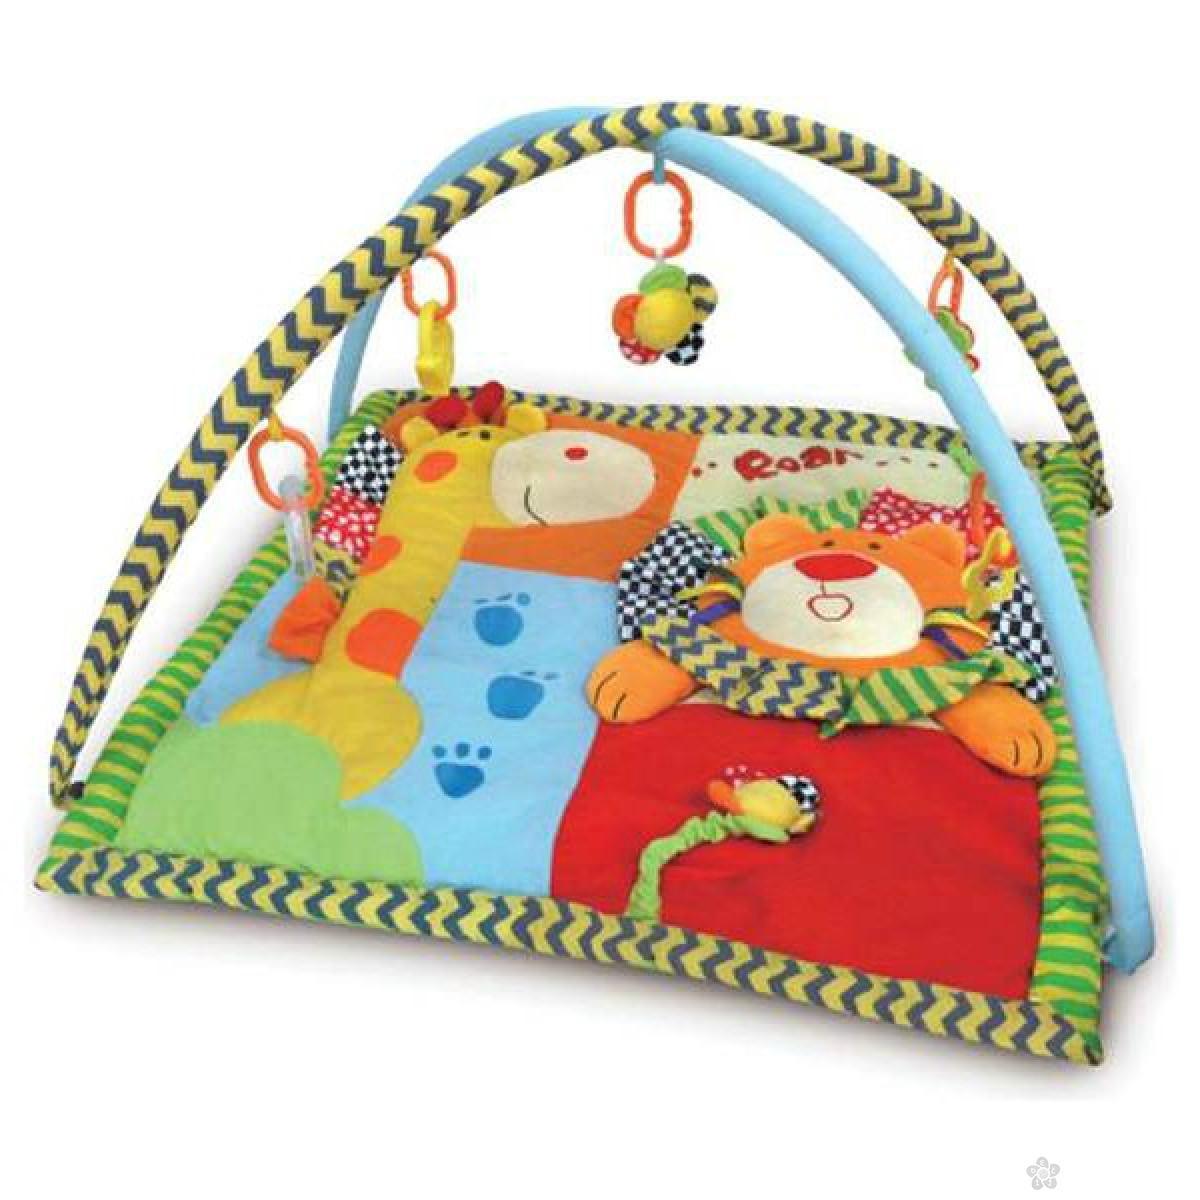 Baby Podloga za Igru Safari Kikka Boo, 31201010002